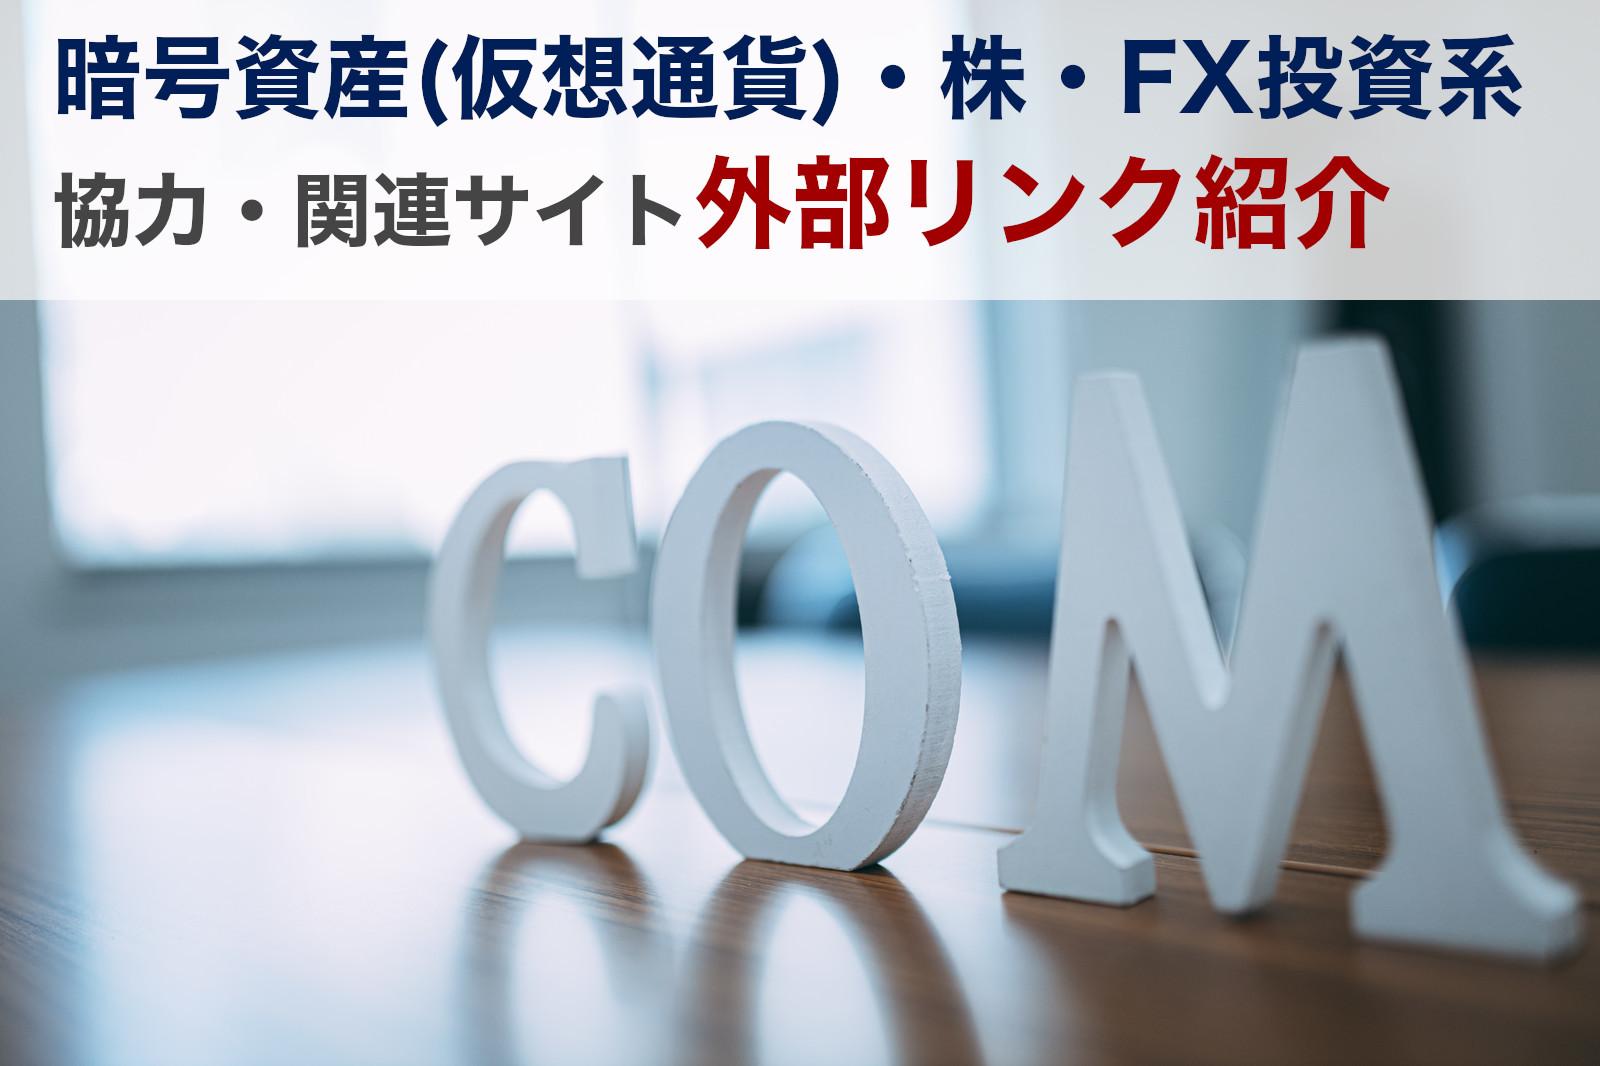 暗号資産(仮想通貨)・株・FX系協力・関連サイト外部リンク紹介